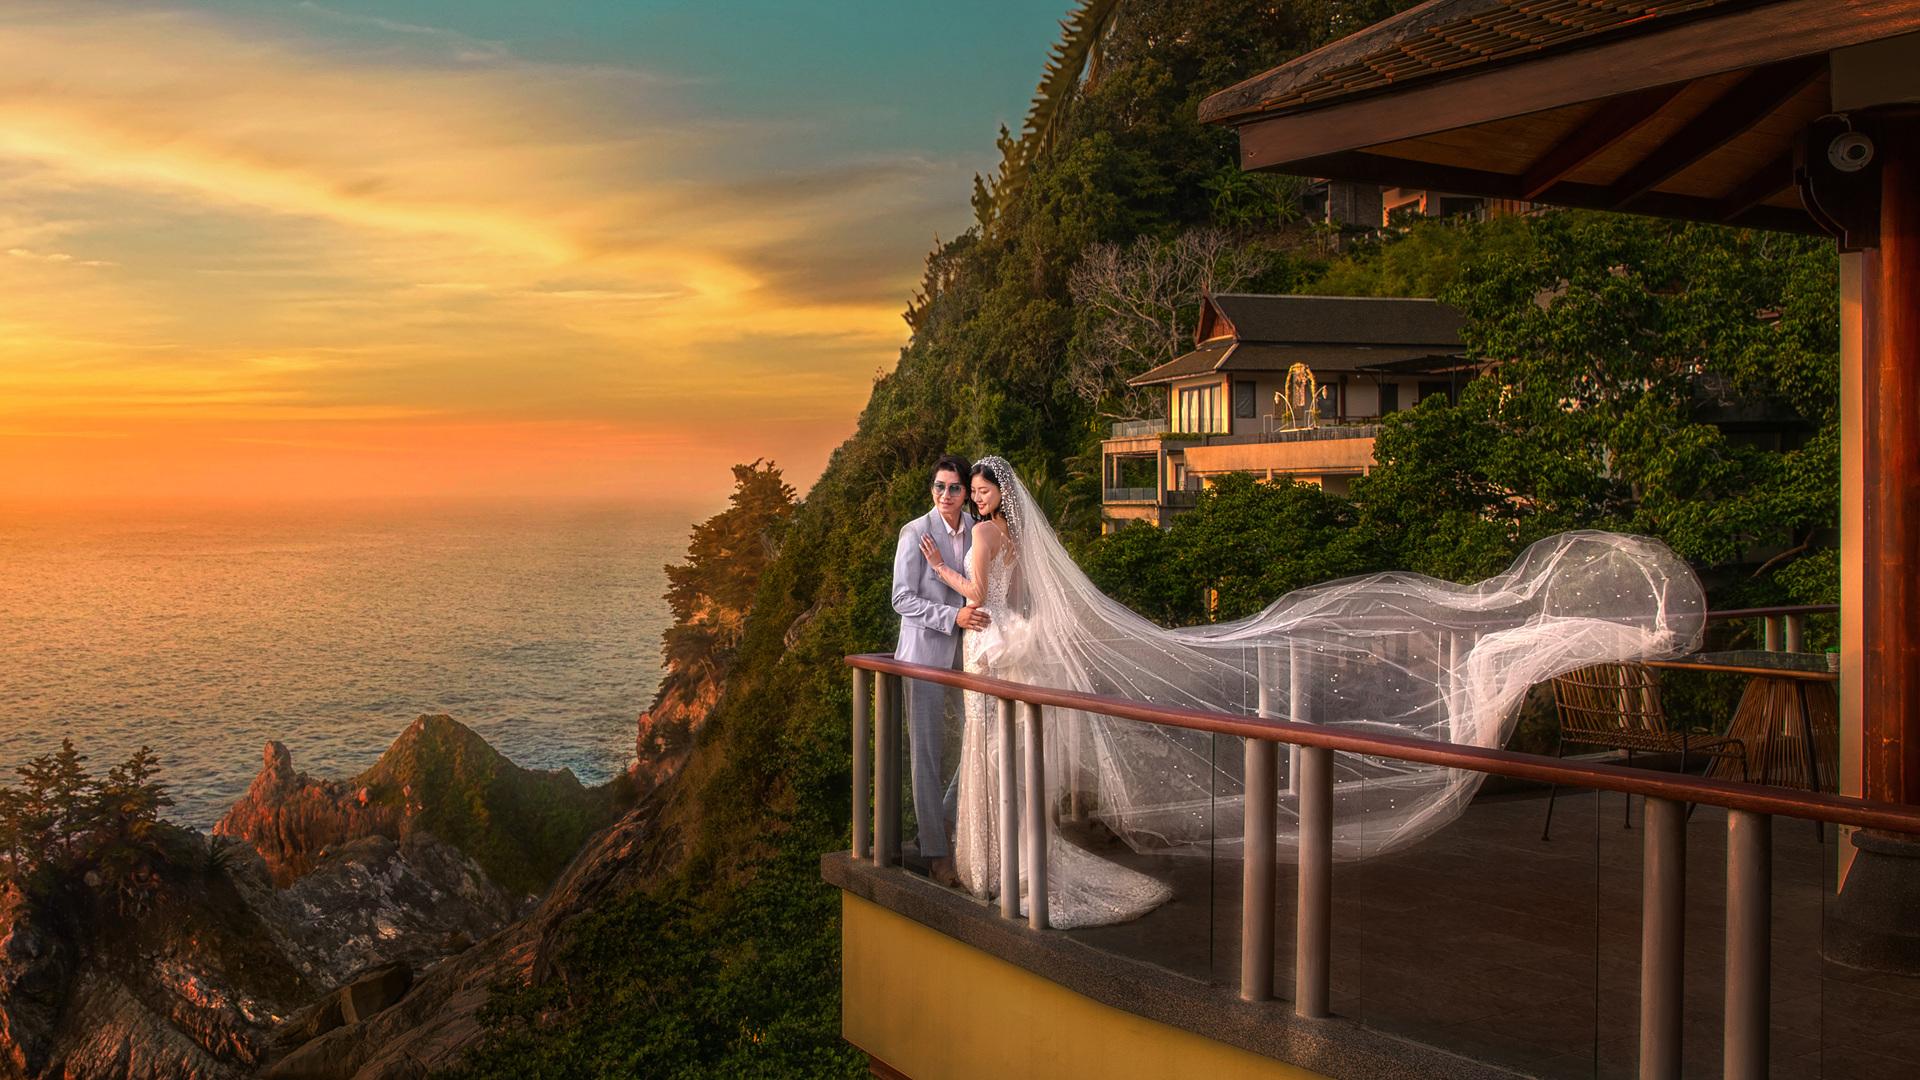 拍完婚纱照如何选片 厦门婚纱照选片攻略有哪些